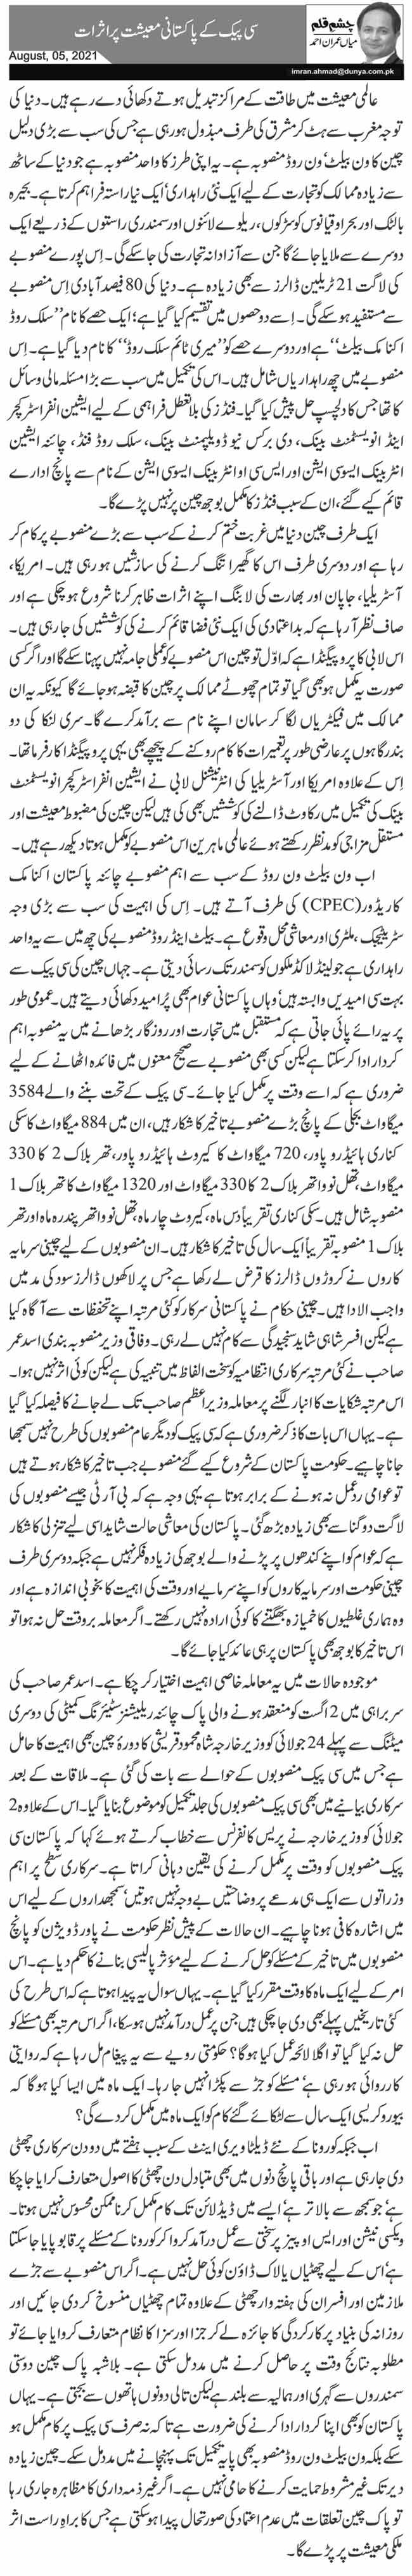 سی پیک کے پاکستانی معیشت پر اثرات